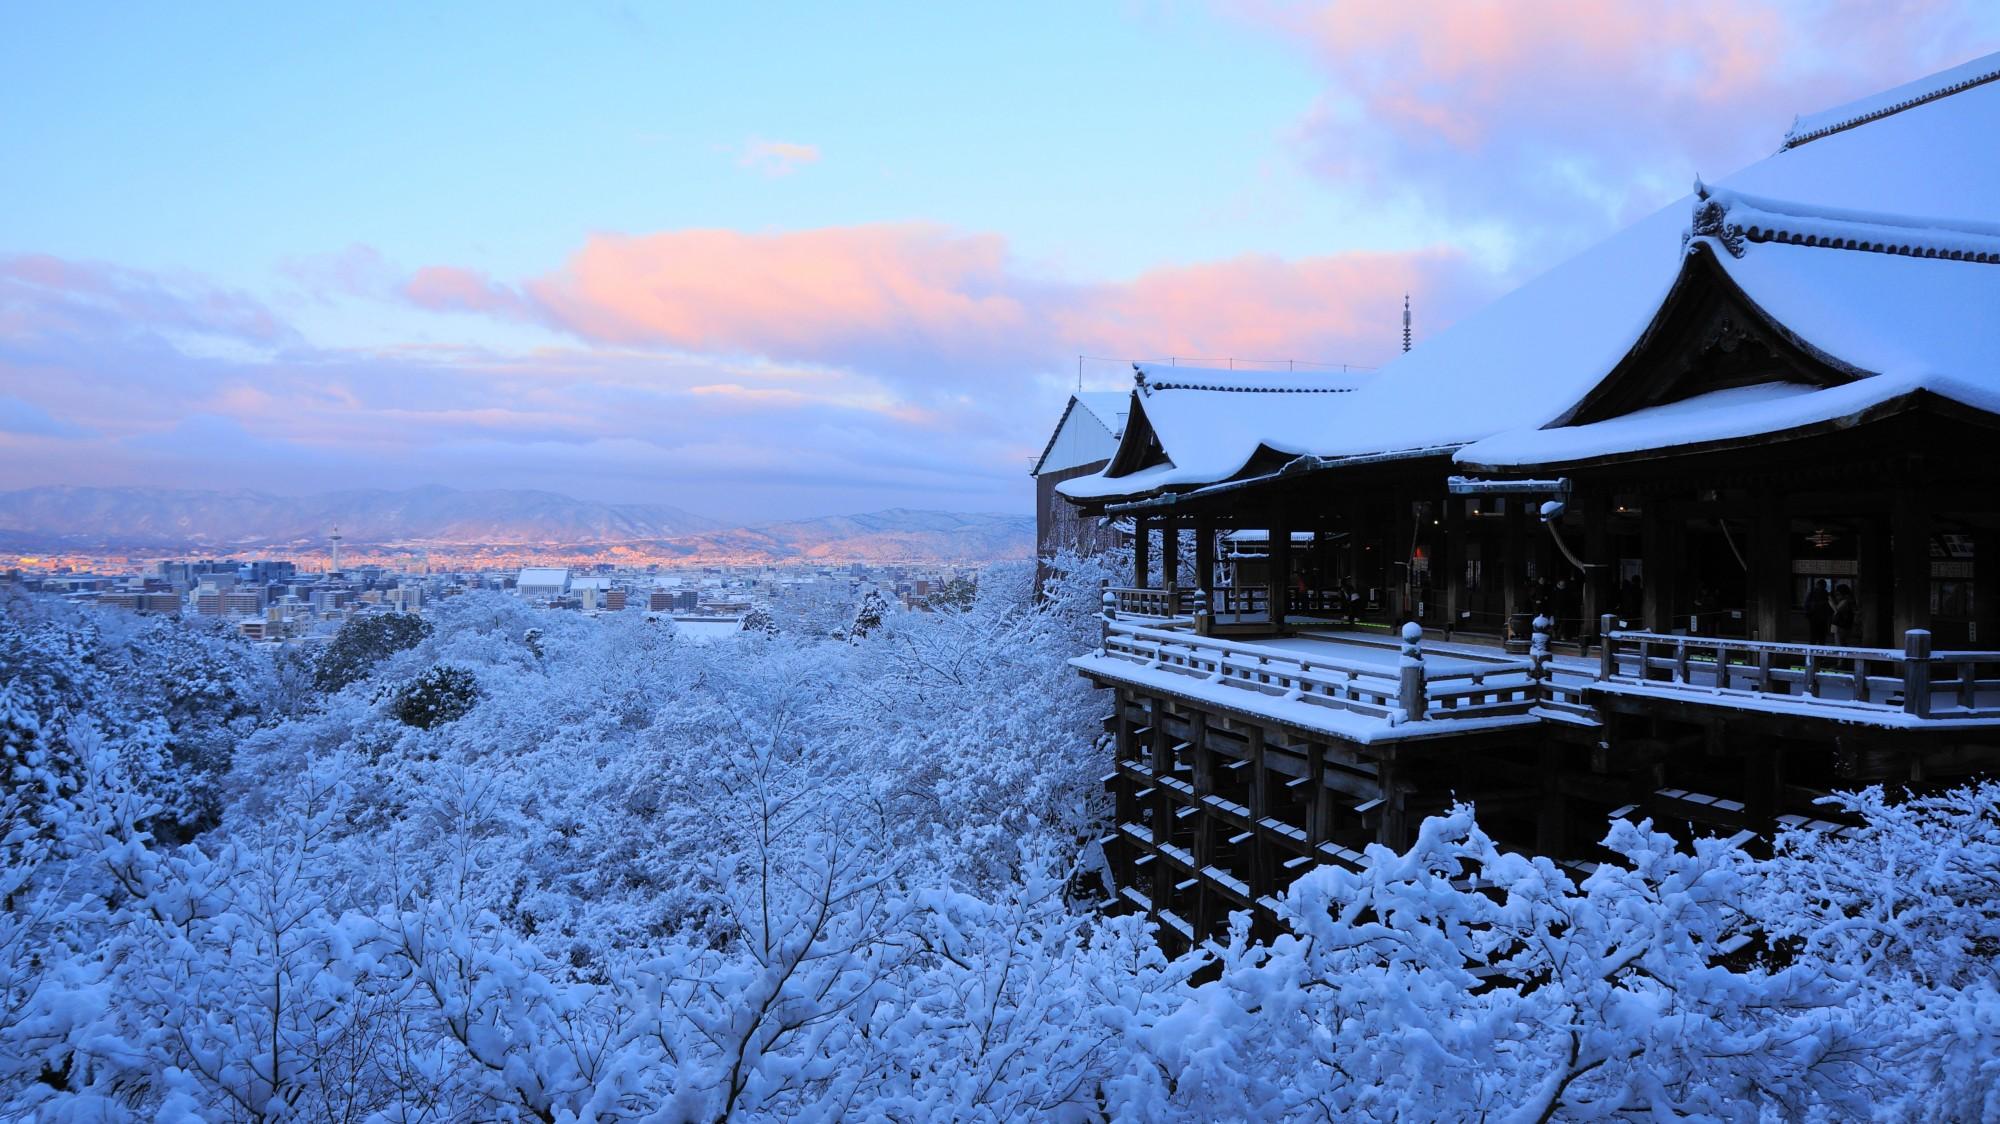 清水寺 雪 朝焼けの舞台と極上の冬景色